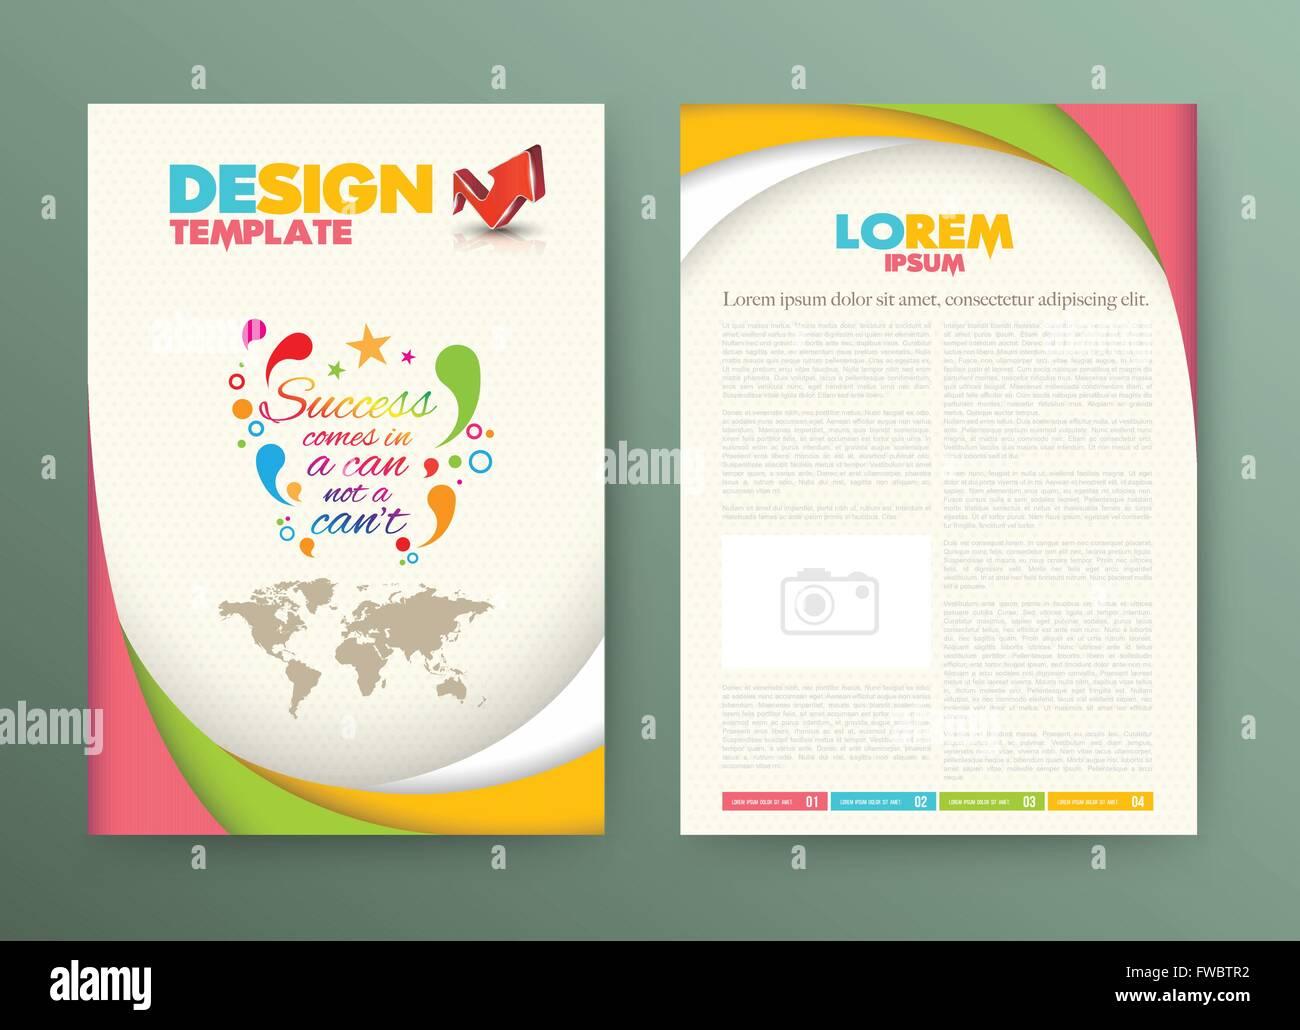 Plantilla de diseño para folletos y octavillas con el éxito viene en ...